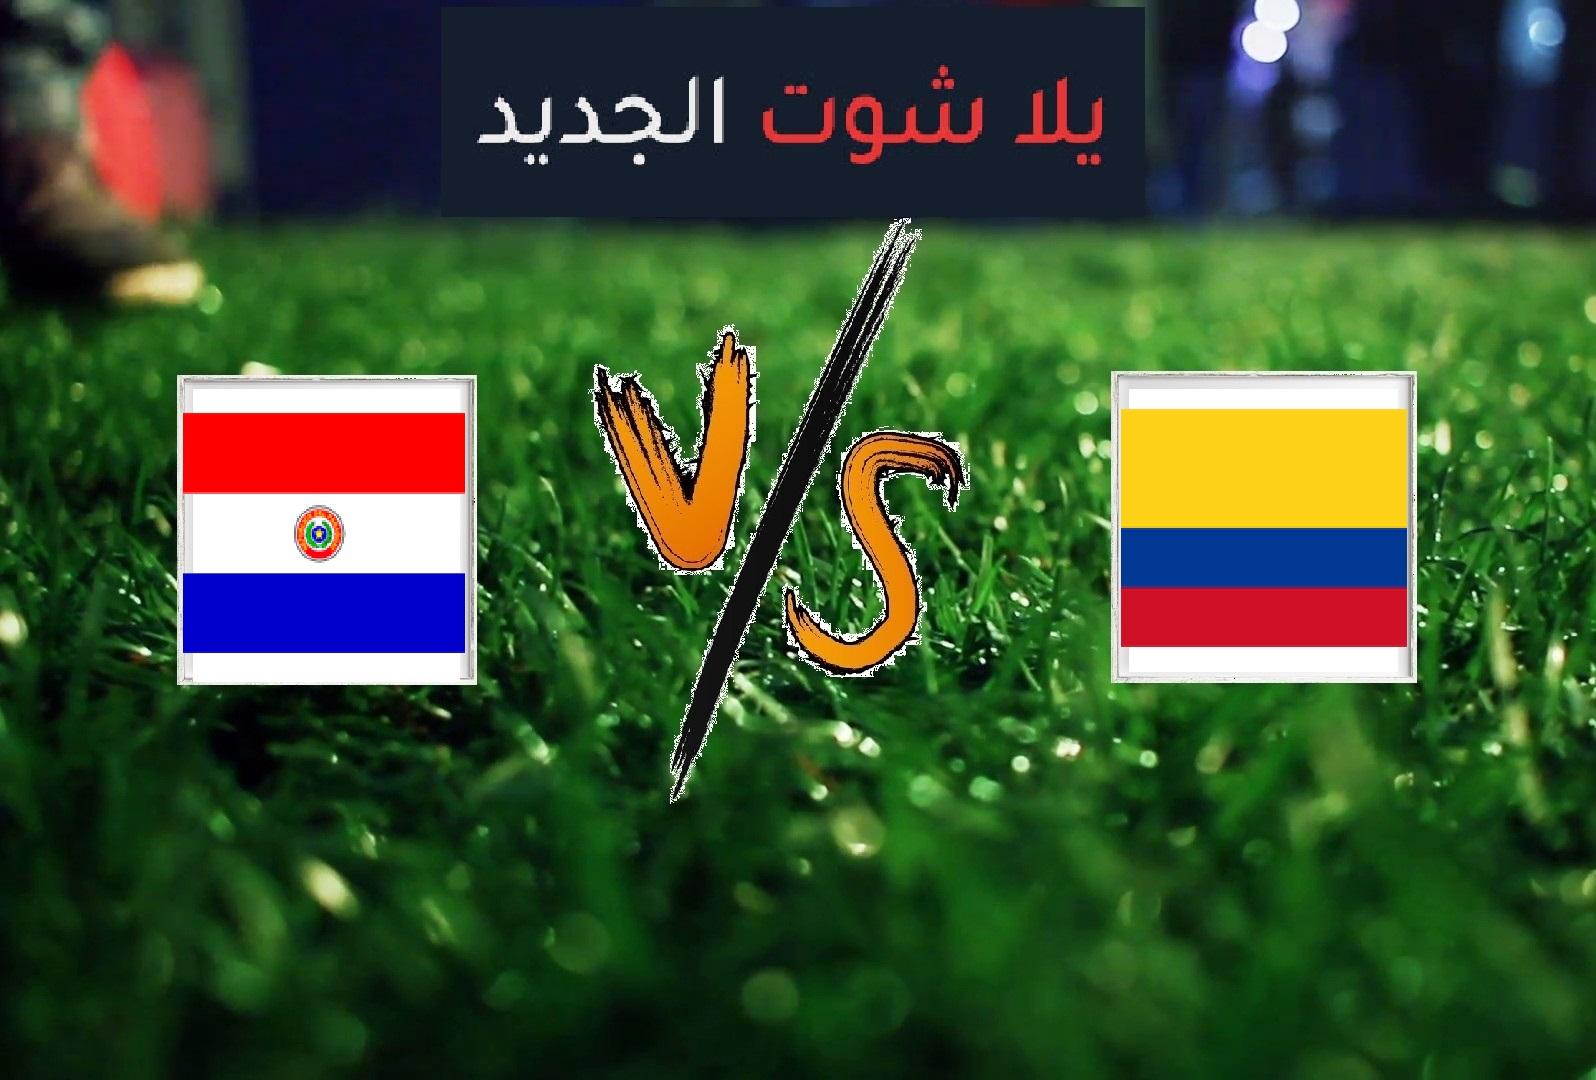 كولمبيا تفوز على باراجواي بهدف دون رد اليوم الاحد بتاريخ 23-06-2019 في كوبا أمريكا 2019